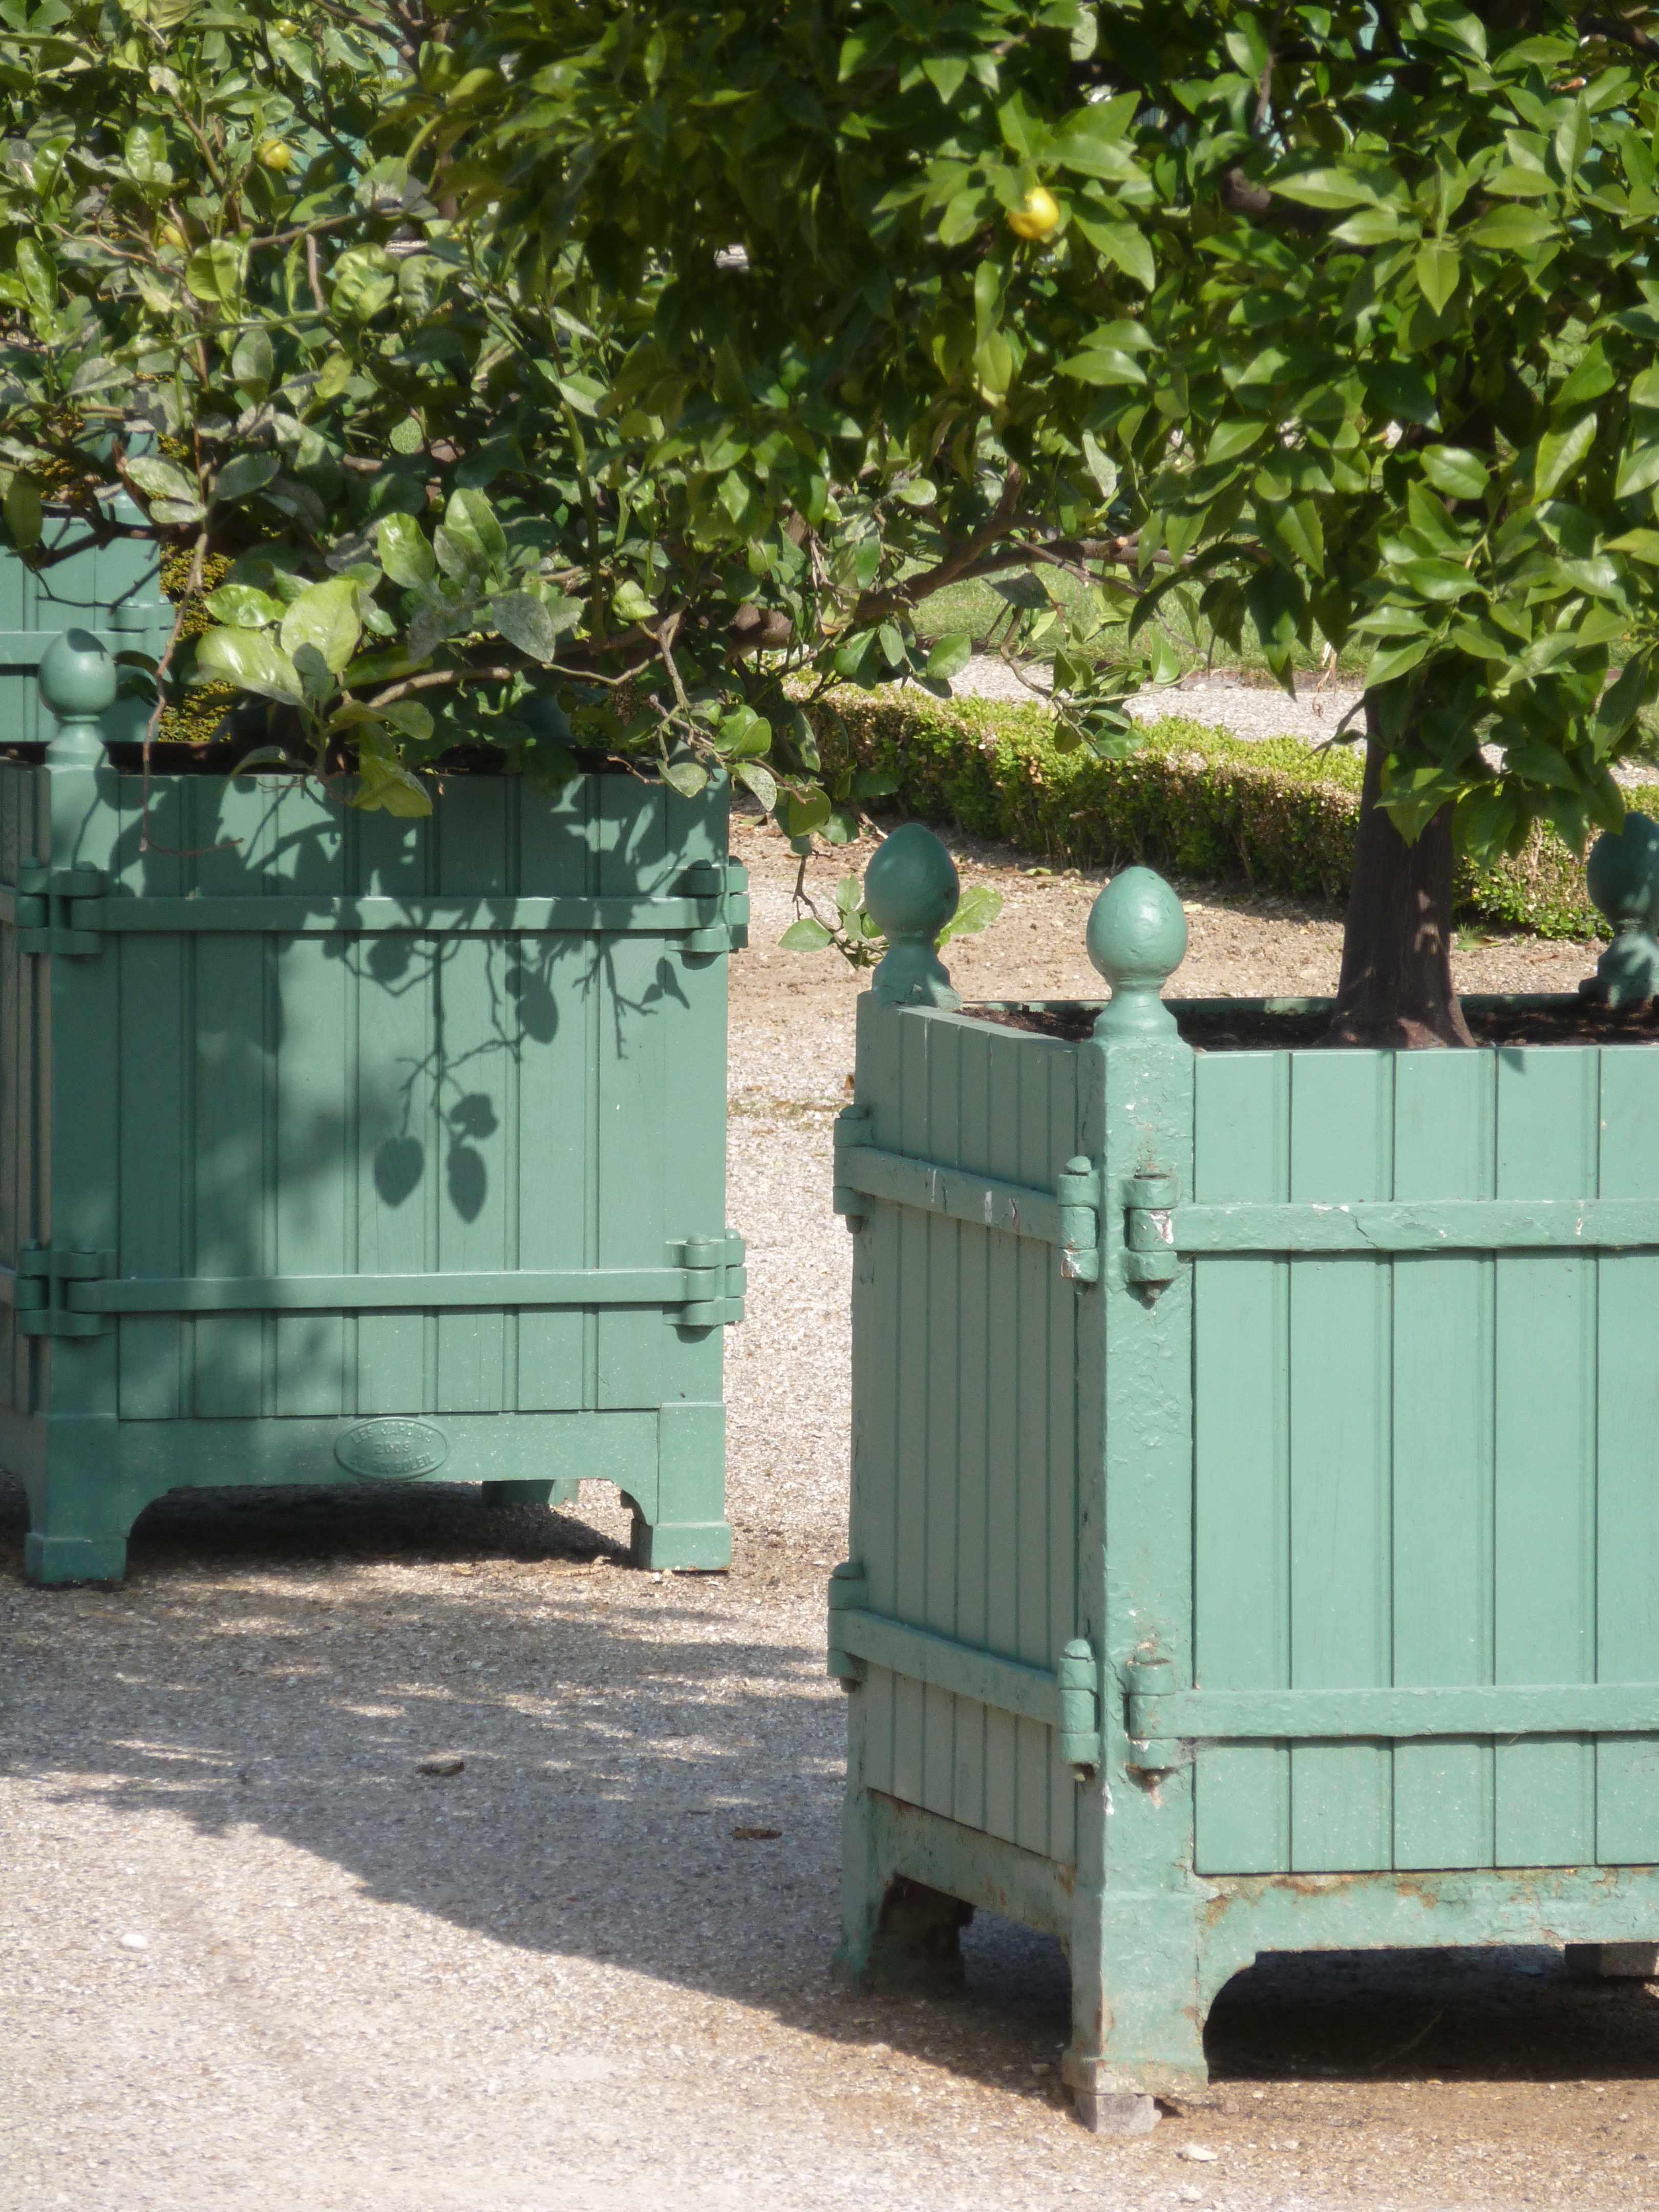 Versailles orangerie caisses citronniers